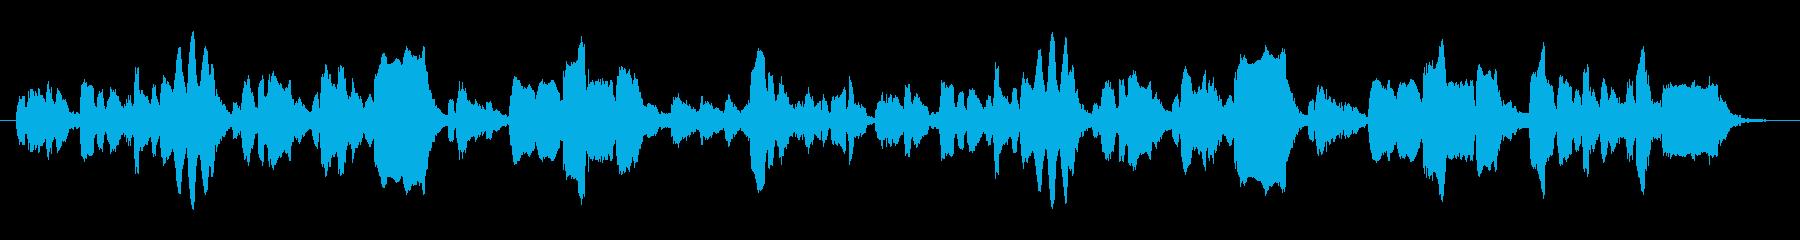 生演奏リコーダーのほのぼのとした音楽の再生済みの波形